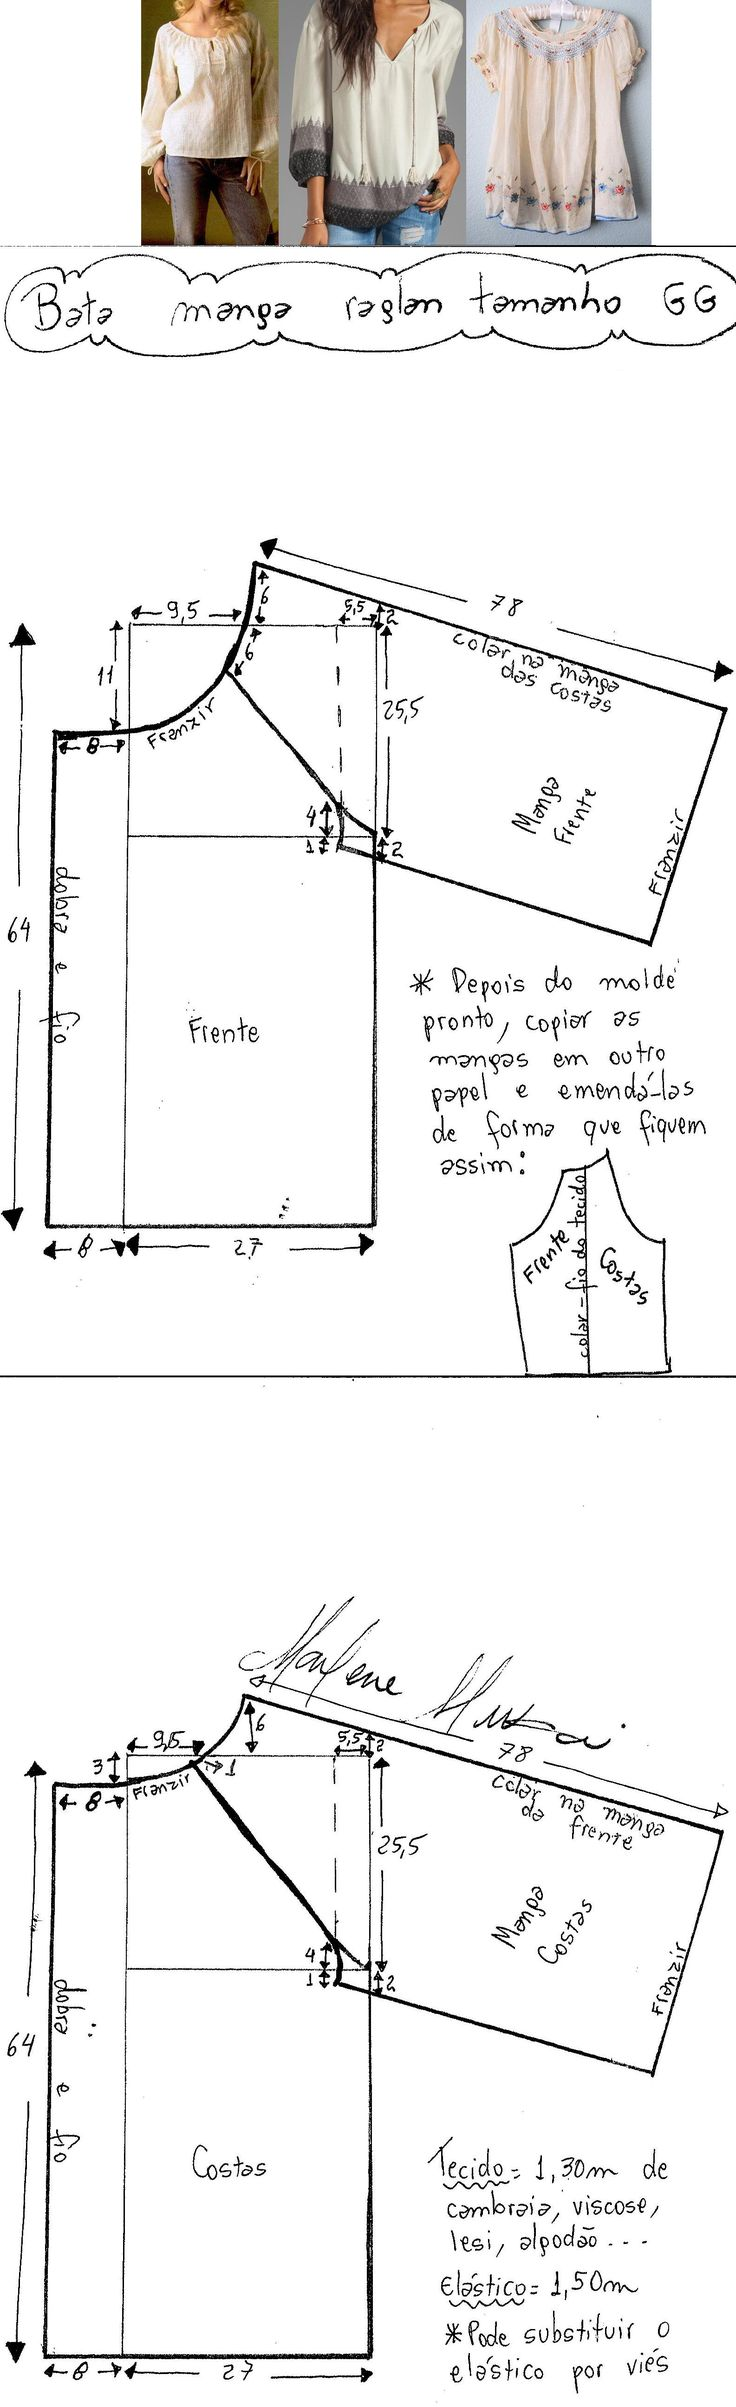 Bata anos 70 raglan – DIY – molde, corte e costura – Marlene Mukai. Um modelinho clássico que vai e volta. Fiz modelagem do PP ao EXGG com manga comprida, mas pode ser feita com manga curta.